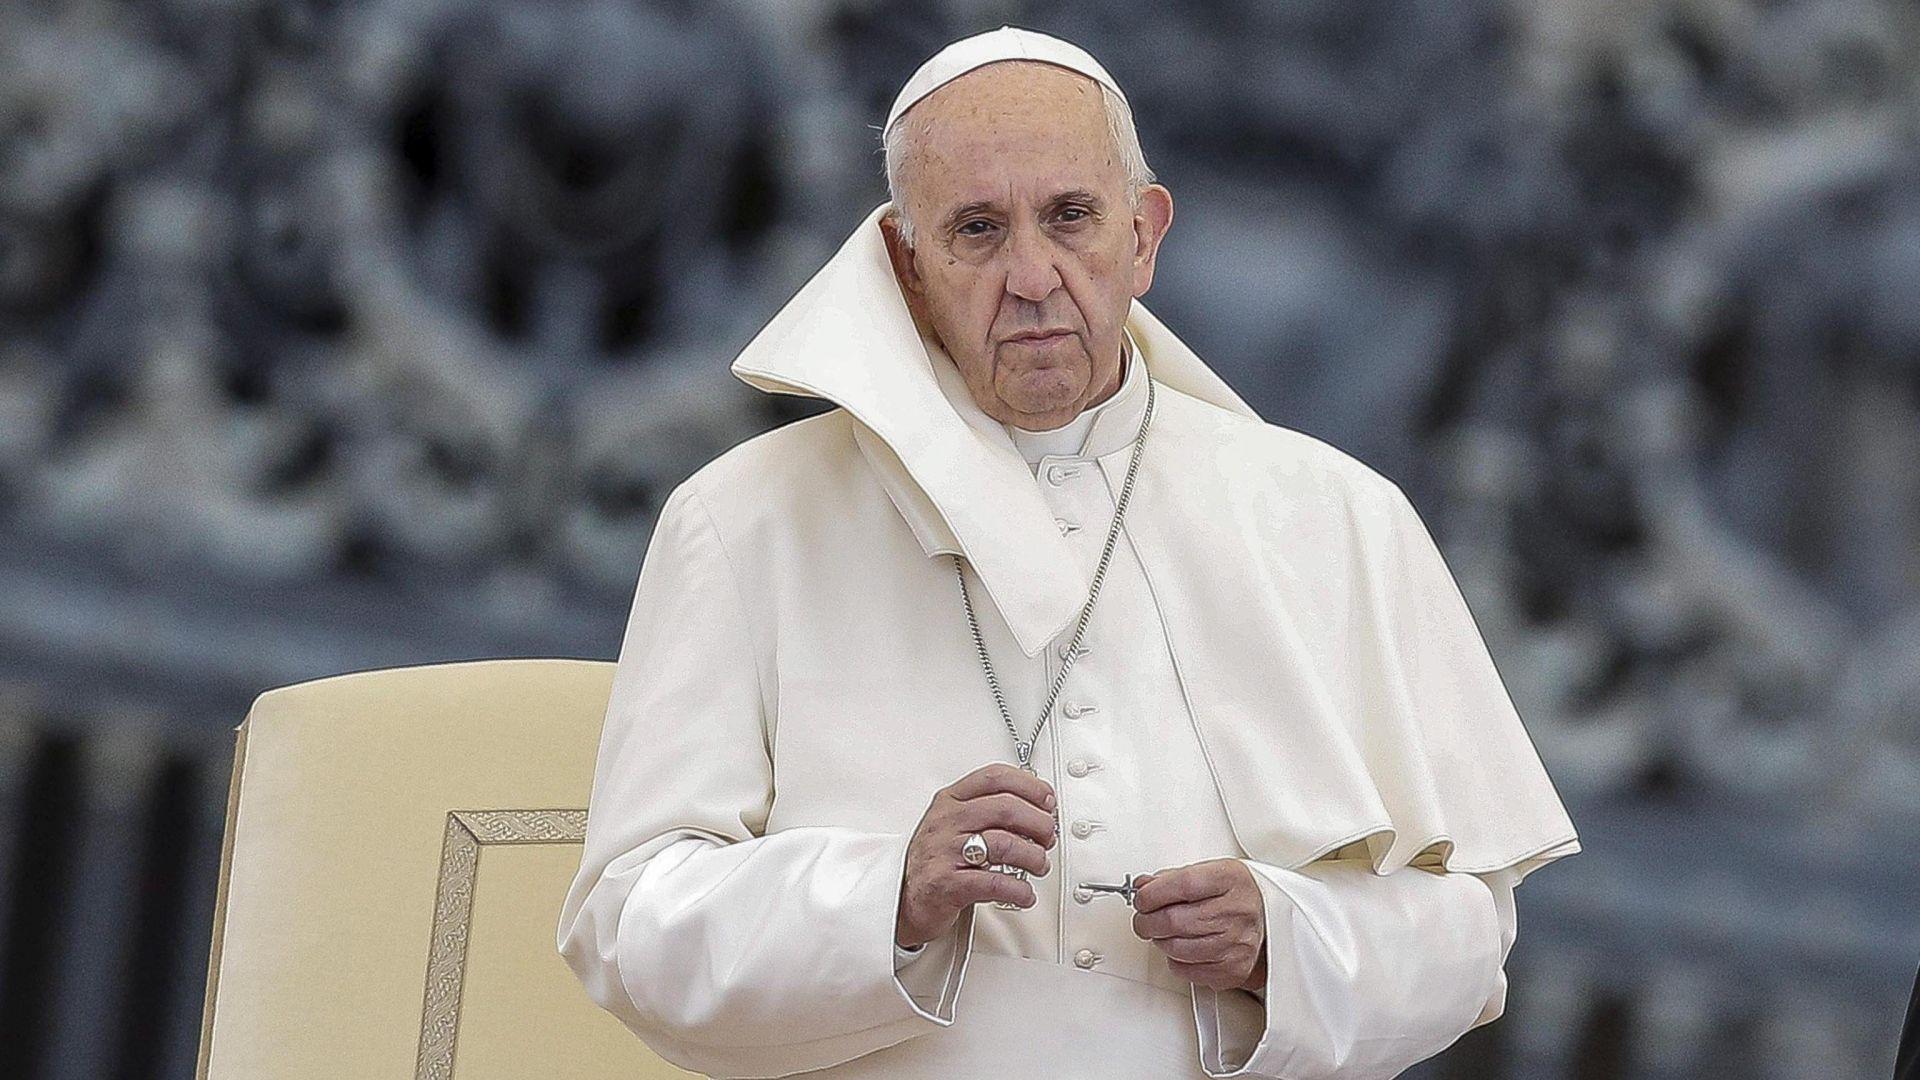 Papa imenovao 17 novih kardinala, među njima i svoje moguće nasljednike